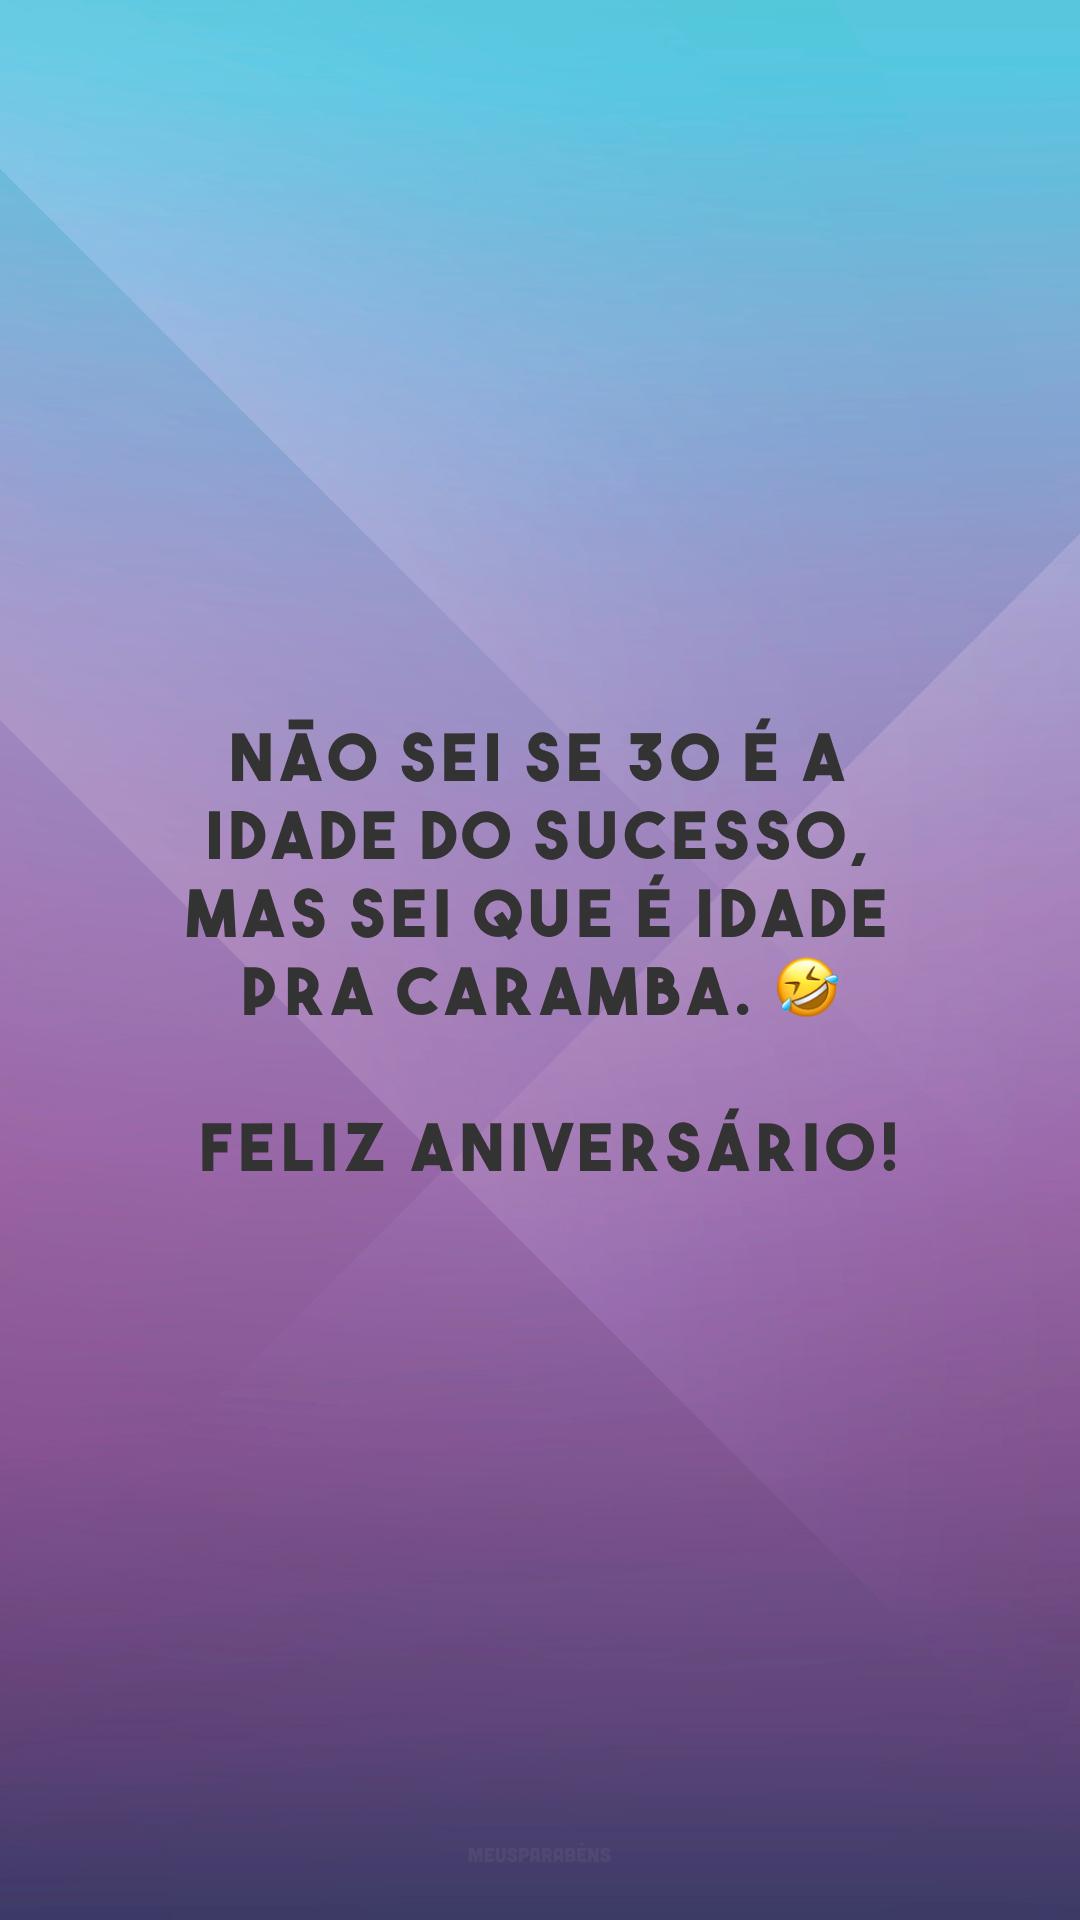 Não sei se 30 é a idade do sucesso, mas sei que é idade pra caramba. 🤣 Feliz aniversário!